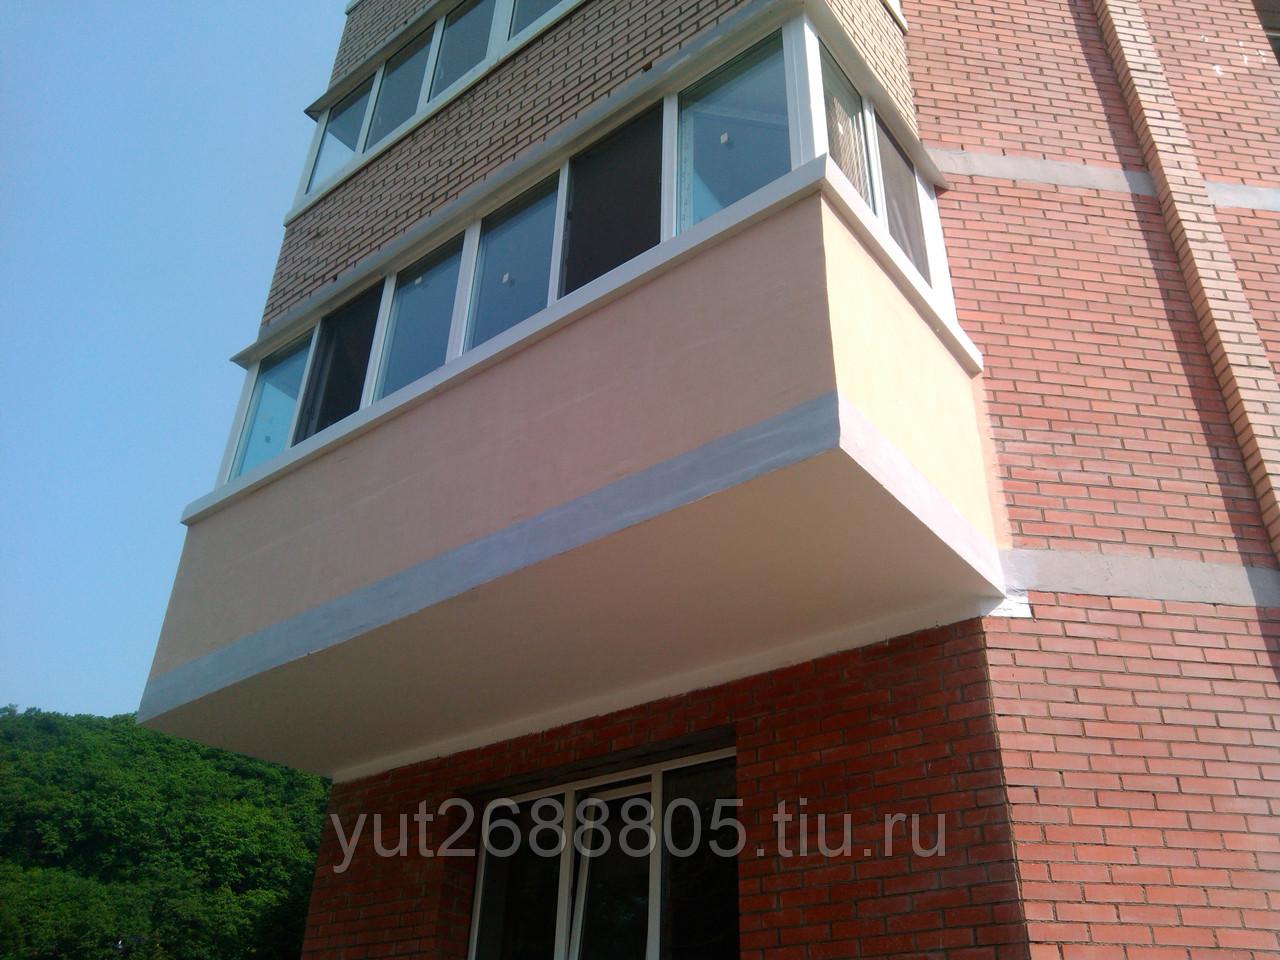 Утепление балкона с наружной стороны.